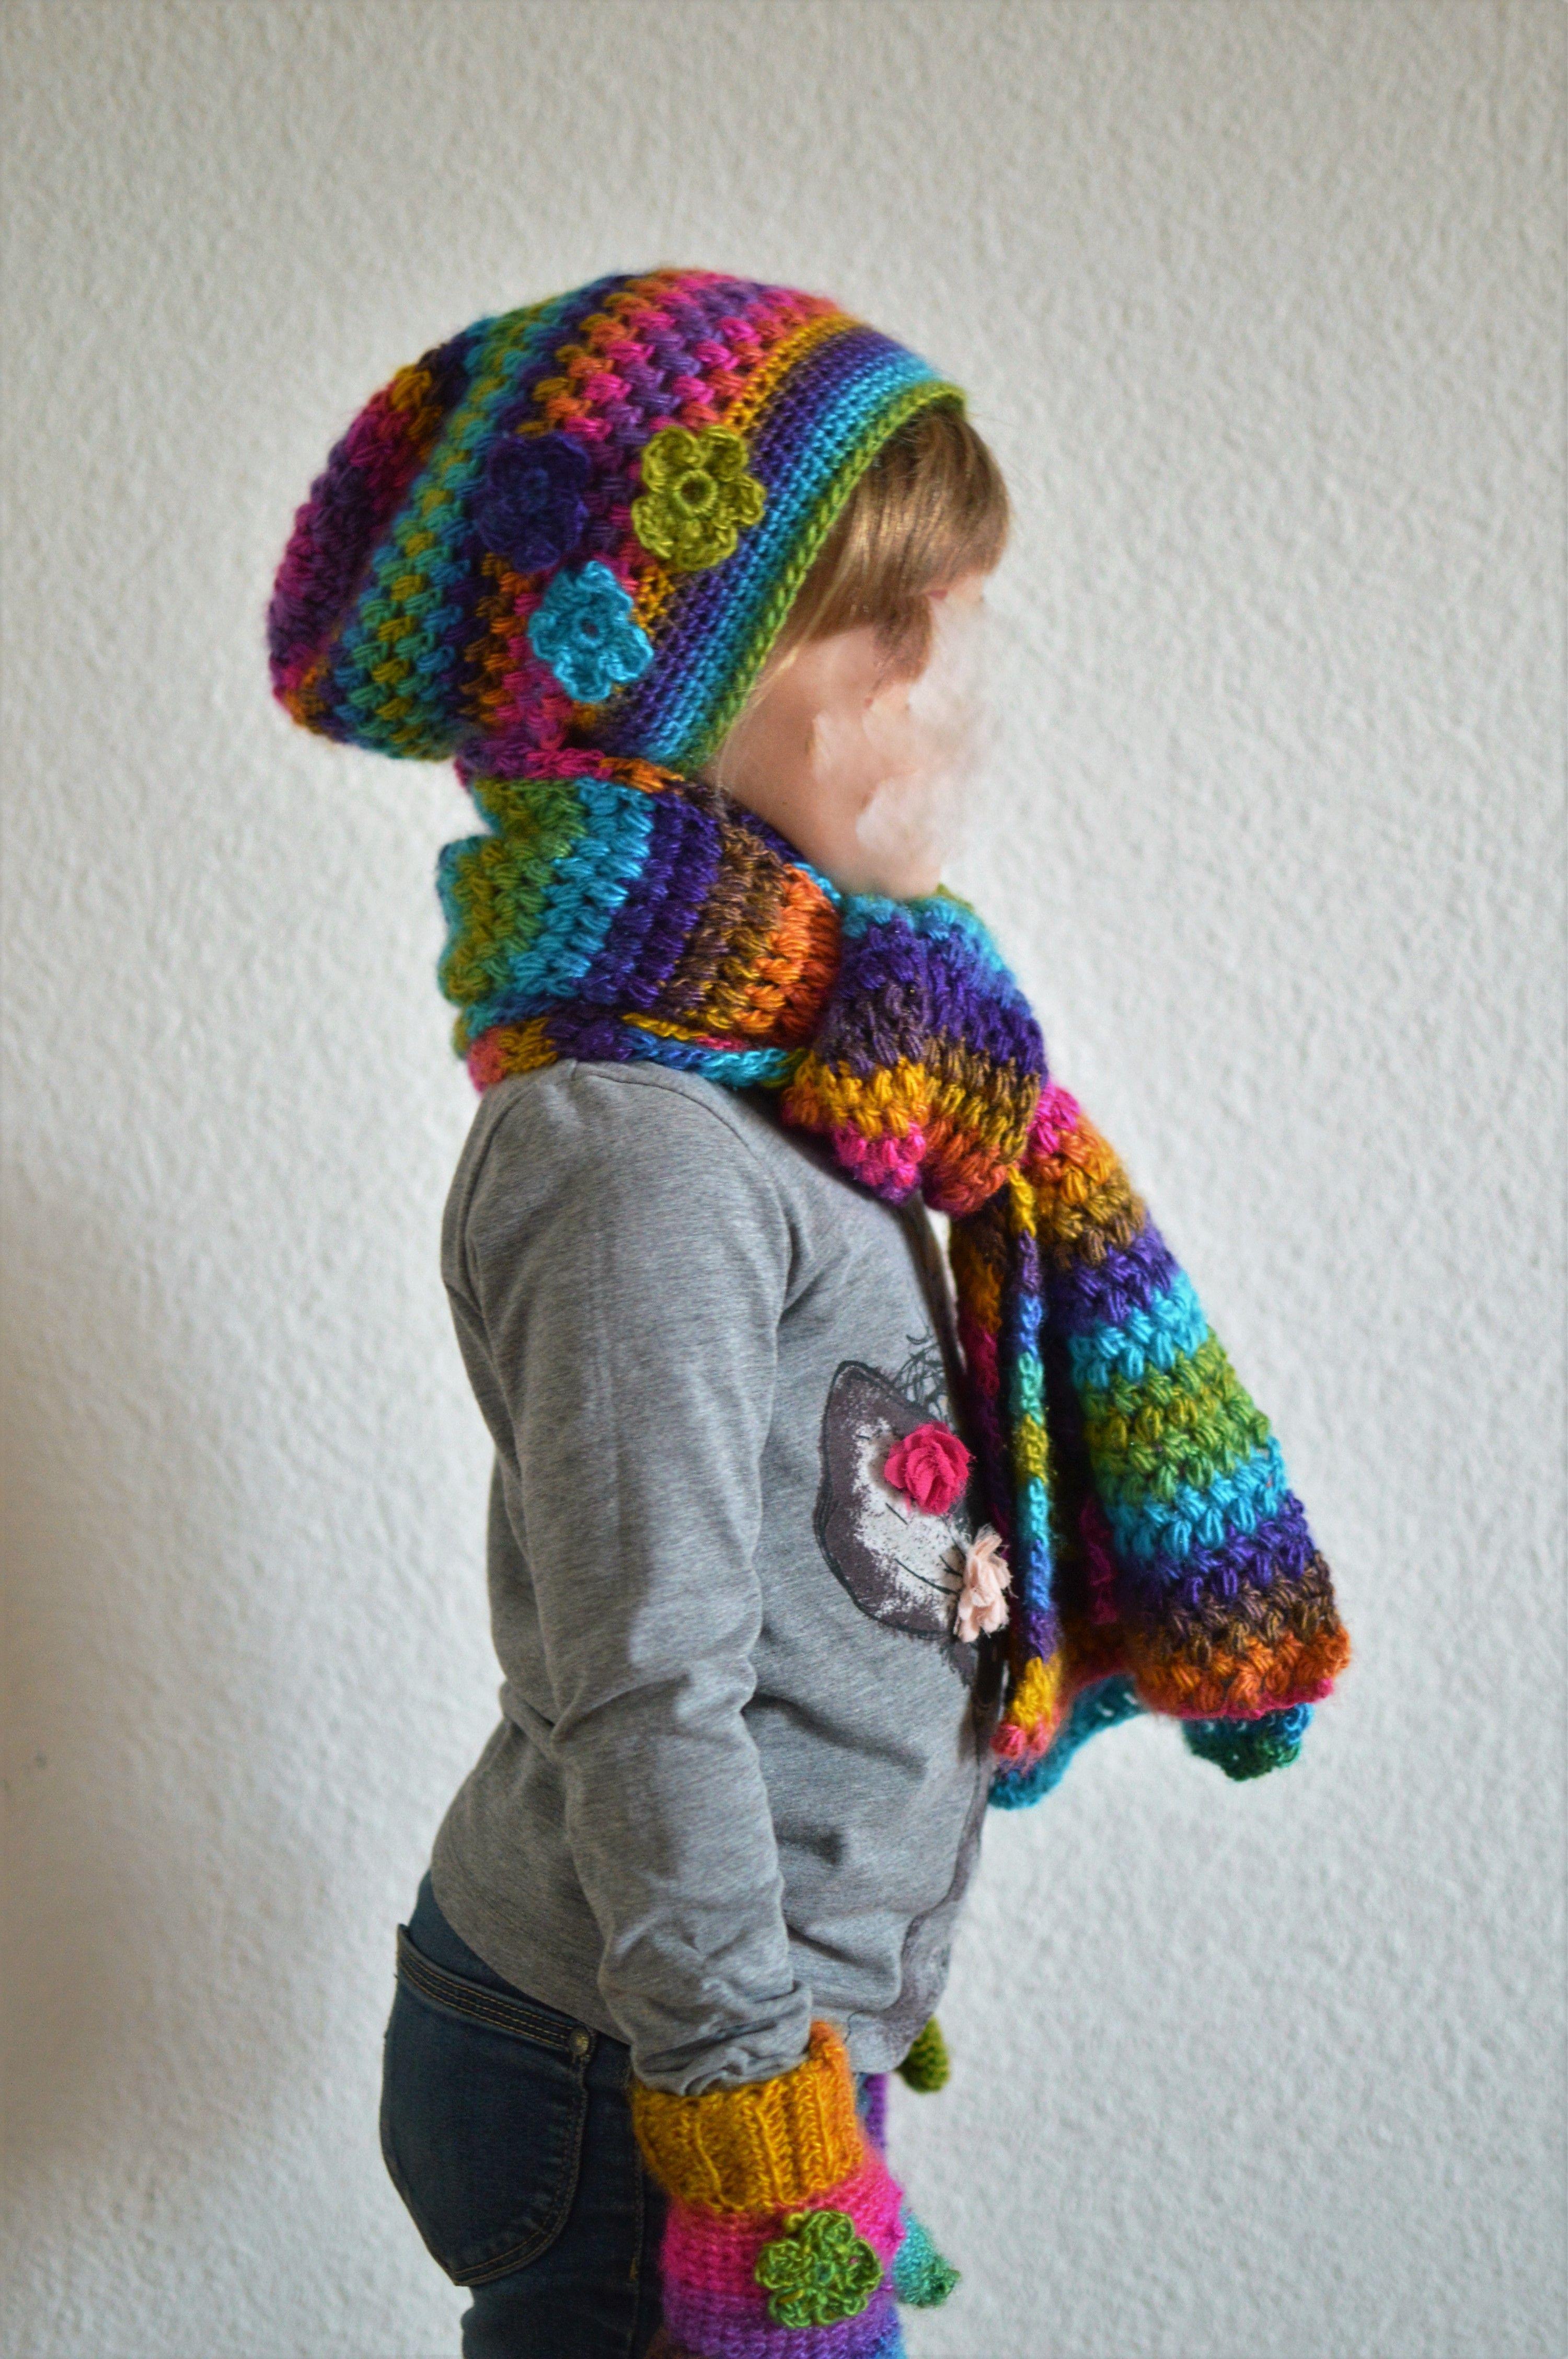 Muts Sjaal Handschoenen Haken Voor Kleuter Meisje Wol Fenna Naald